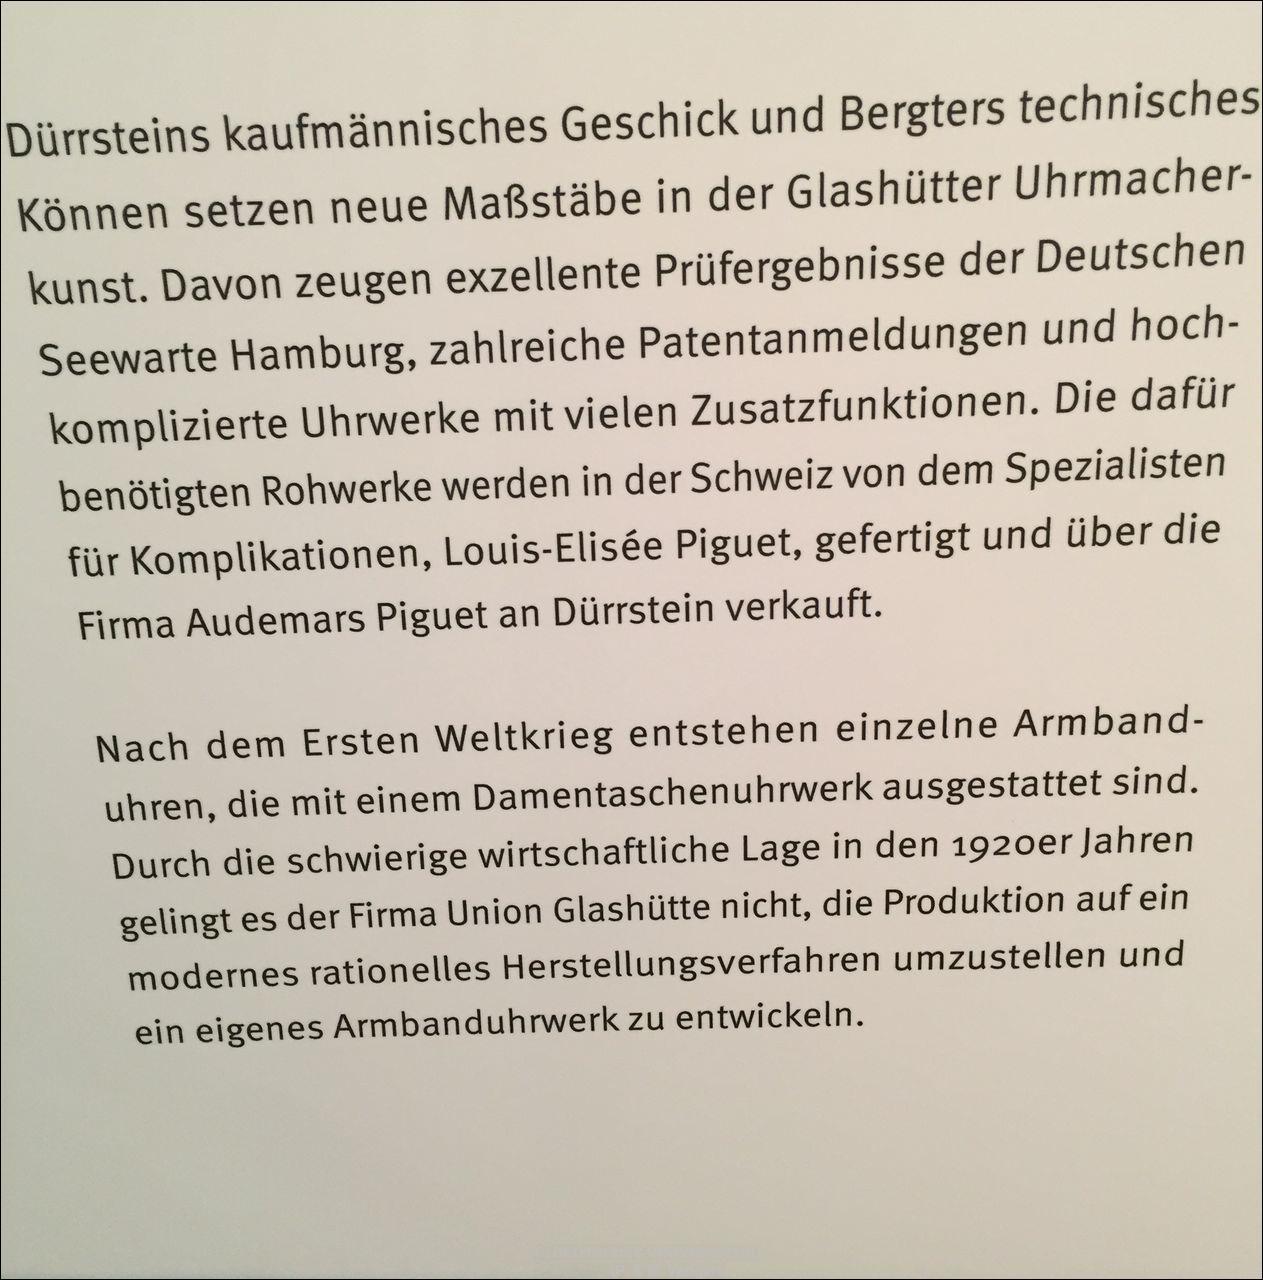 Union Glashütte > 125. Jubiläum > Deutsches Uhrenmuseum Glashütte > Sonderausstellung